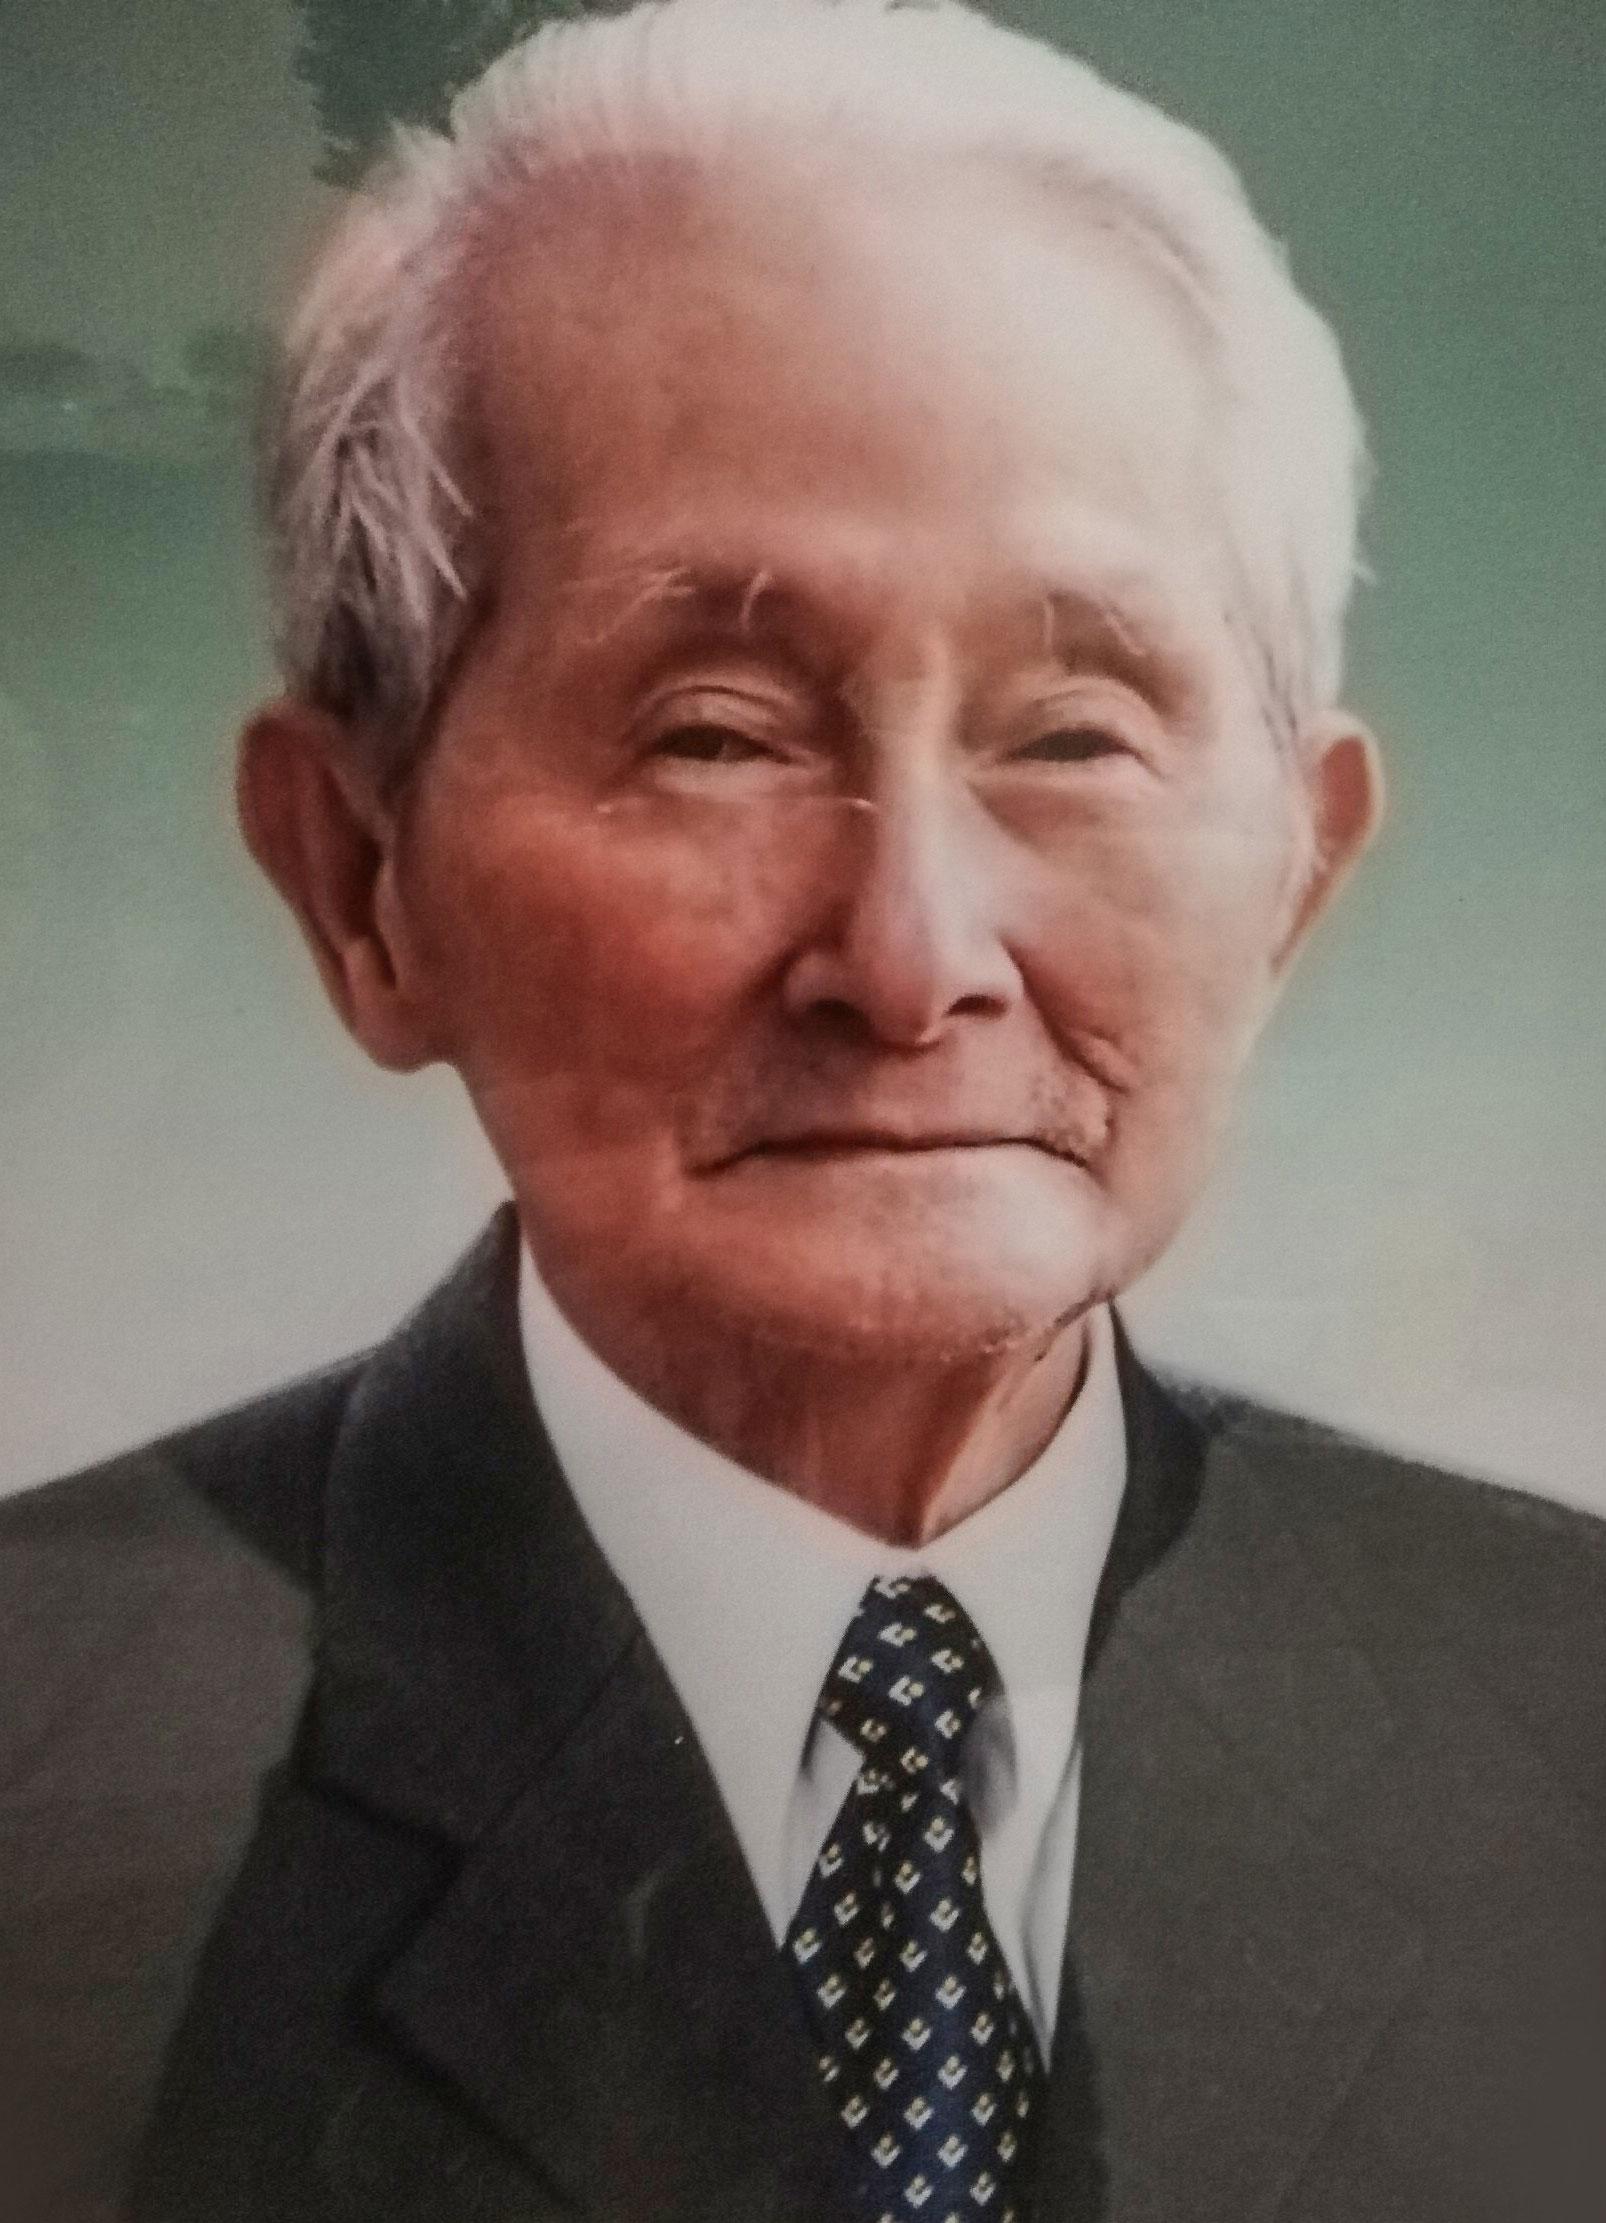 Anh Hai của Thượng tướng Võ Văn Tuấn: Nếu chiến tranh không kết thúc, tôi và ba tôi, em tôi có thể phải gặp nhau ở hai đầu họng súng - Ảnh 6.